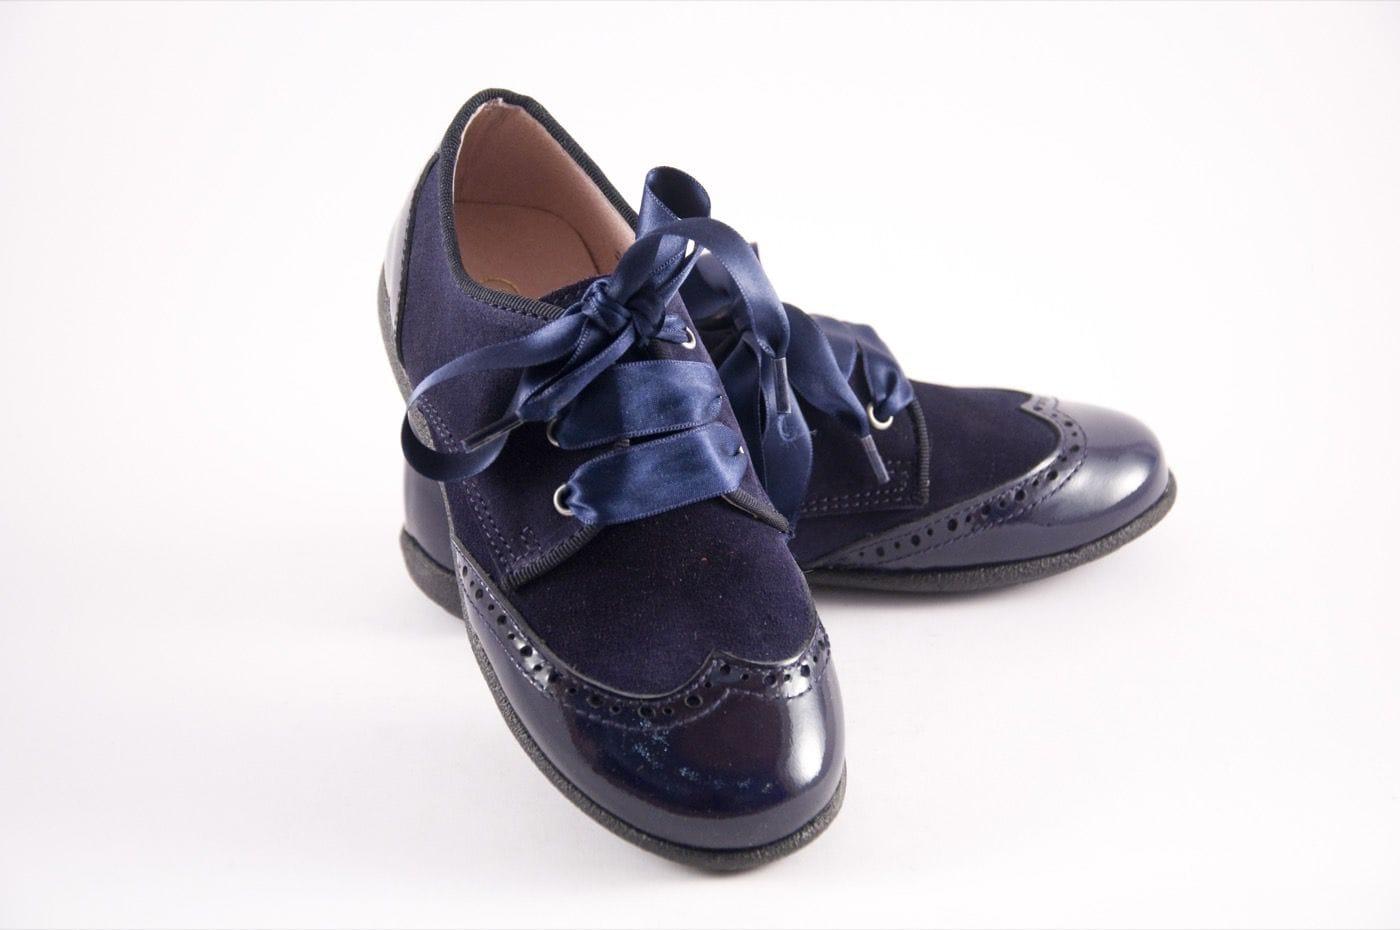 f3e04b631ae Joven Blucher Estilo Charol Color Comprar Azul Niña Zapato Tipo rpHxqrEw5